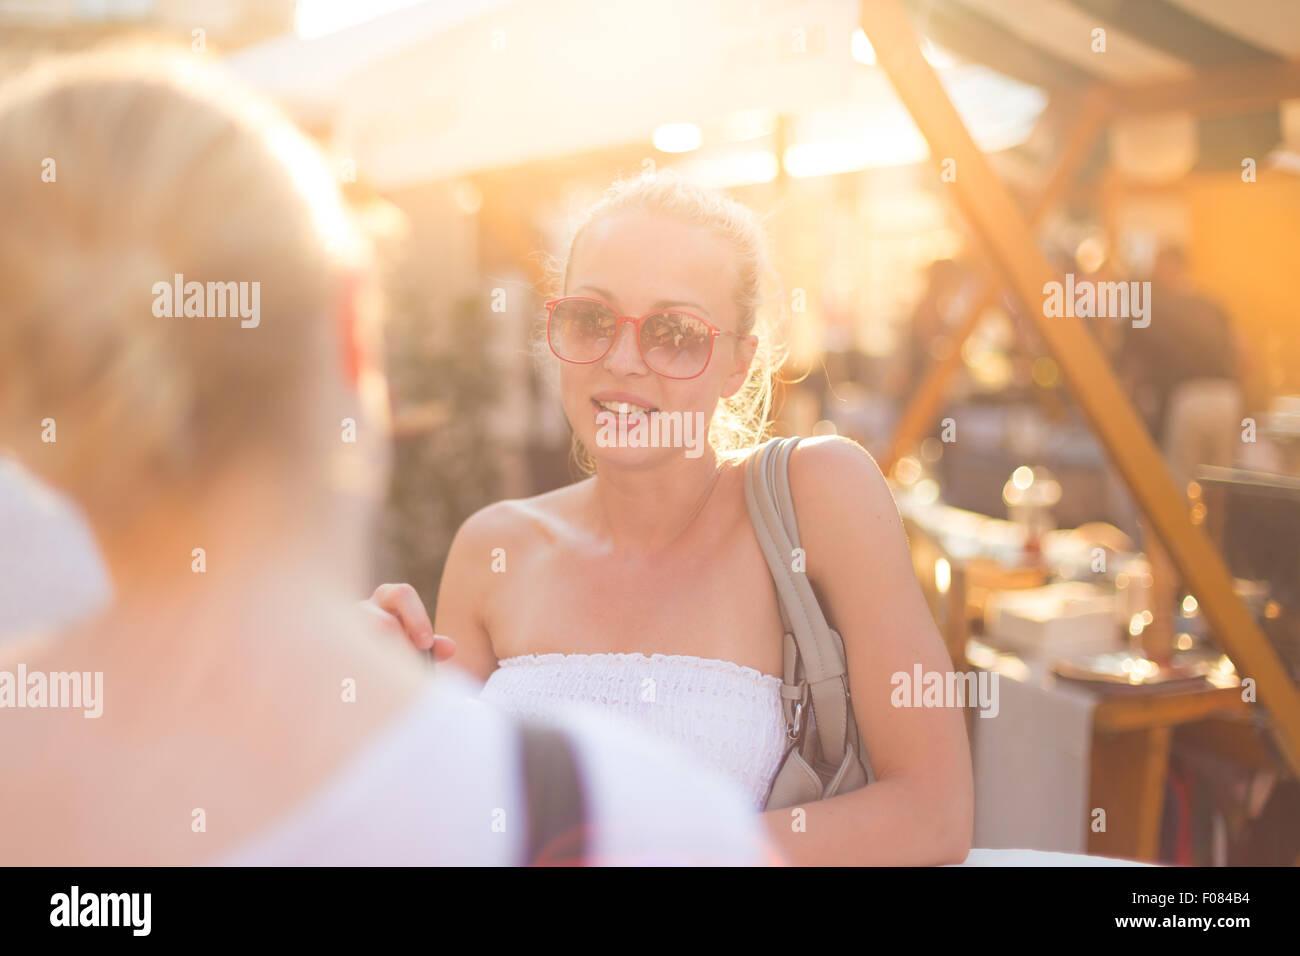 Amis féminins bénéficiant d'une conversation sur le marché. Photo Stock